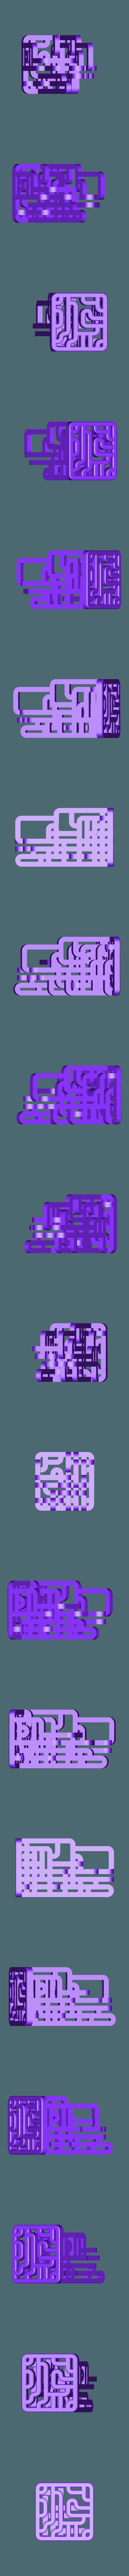 medium2.stl Télécharger fichier STL gratuit Boucles de procédure • Design imprimable en 3D, ferjerez3d